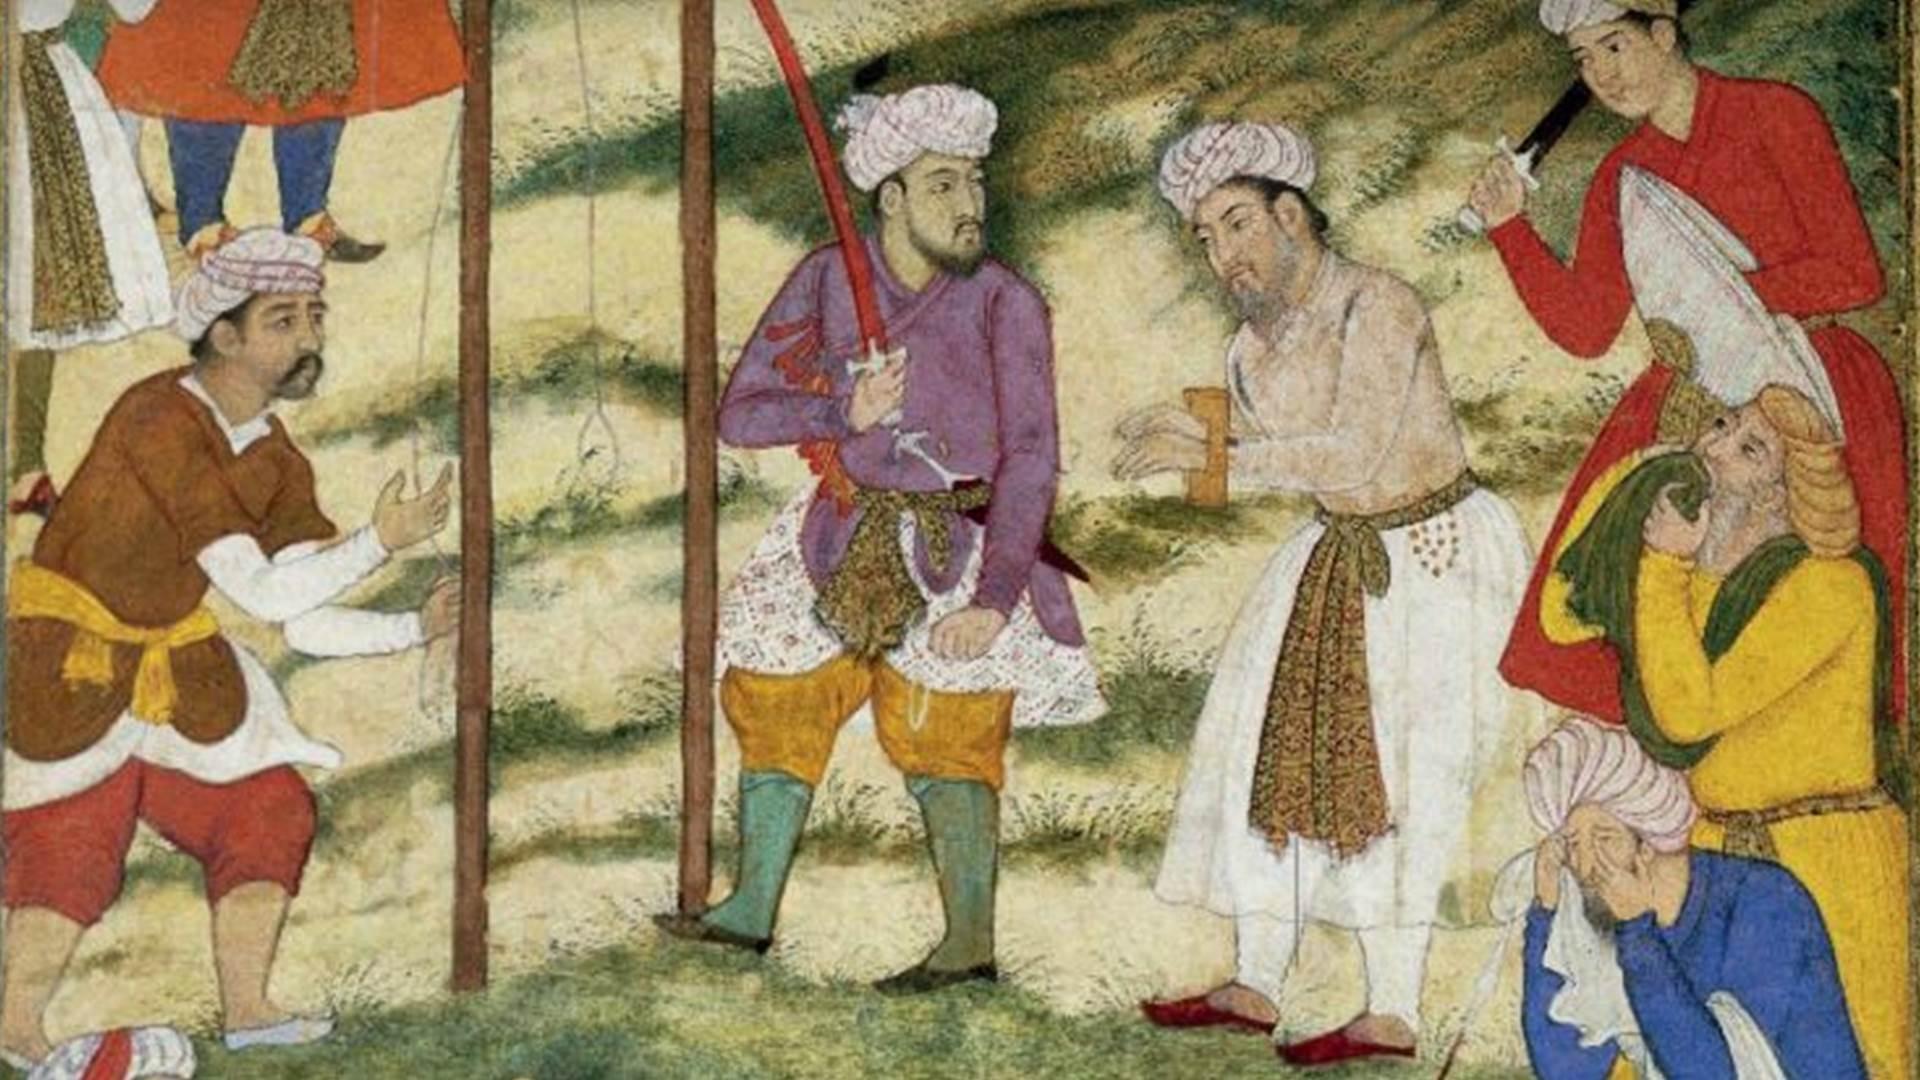 Lettura sugli Scritti Mistici Diwan / Kitab al Tawasin / Riwayat di Al-Hussayn ibn Mansur al-Hallaj